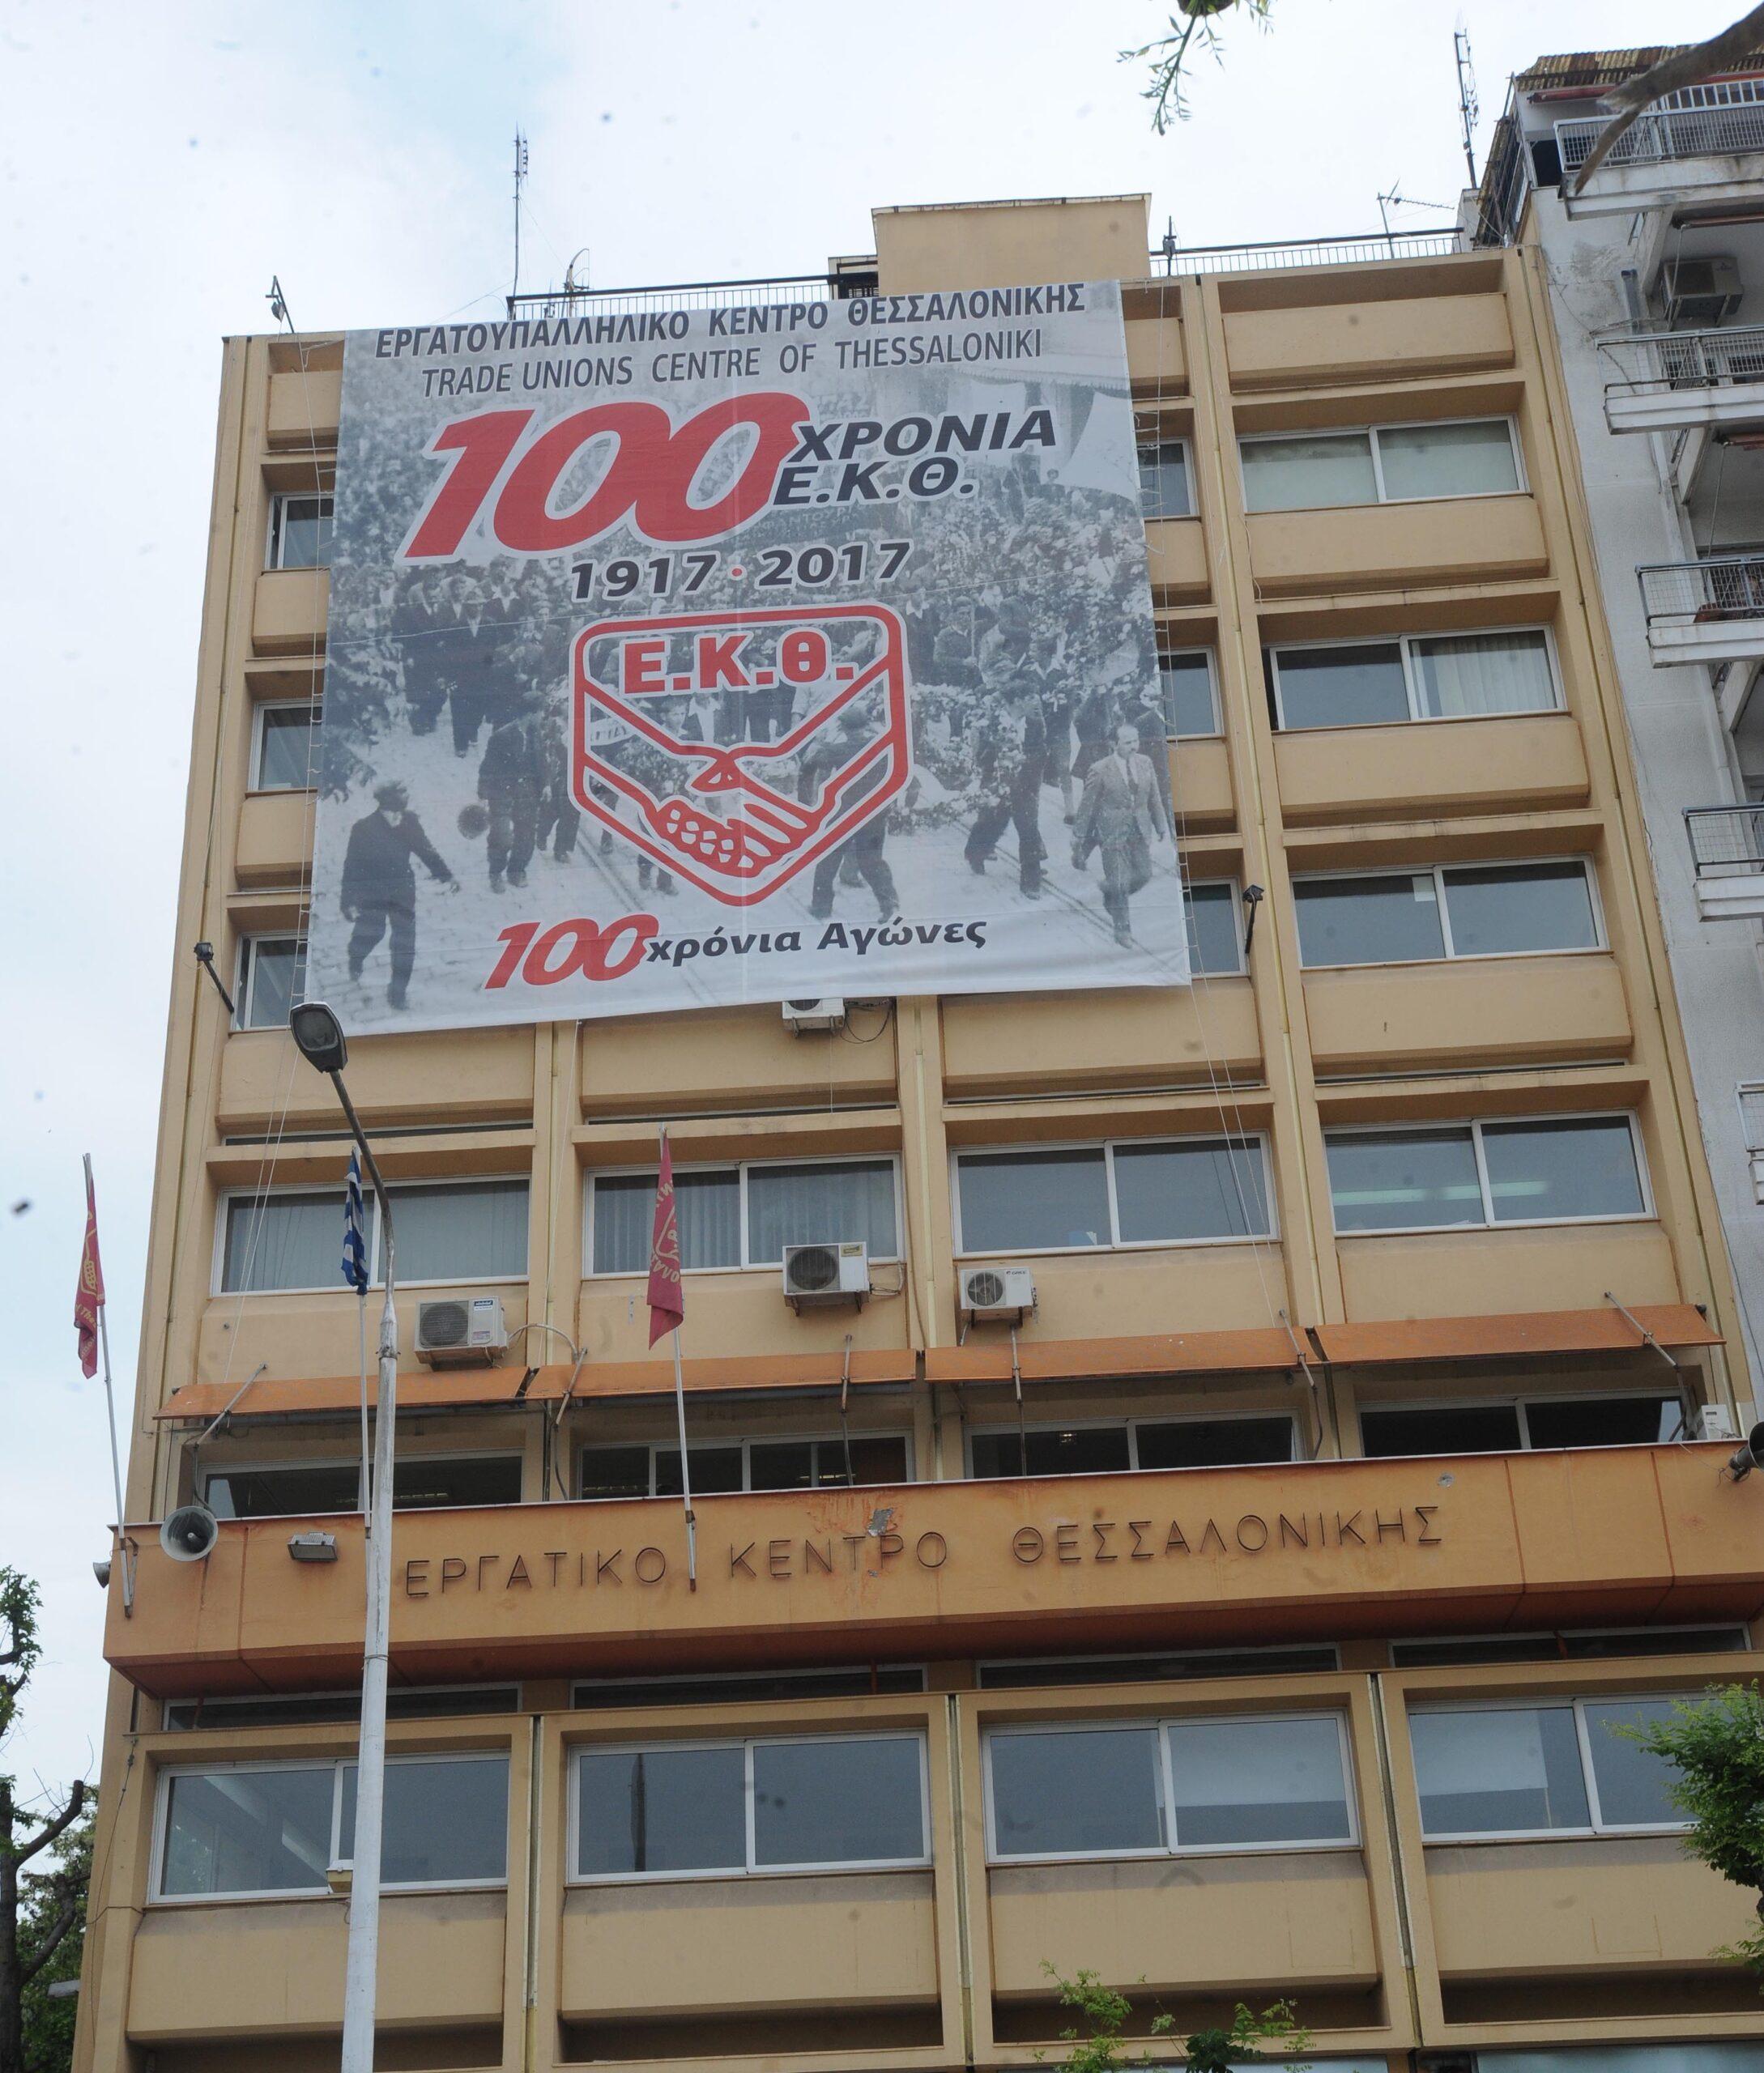 Προκήρυξη  του  33ου  Τακτικού  Συνεδρίου του  Εργατοϋπαλληλικού  Κέντρου  Θεσσαλονίκης